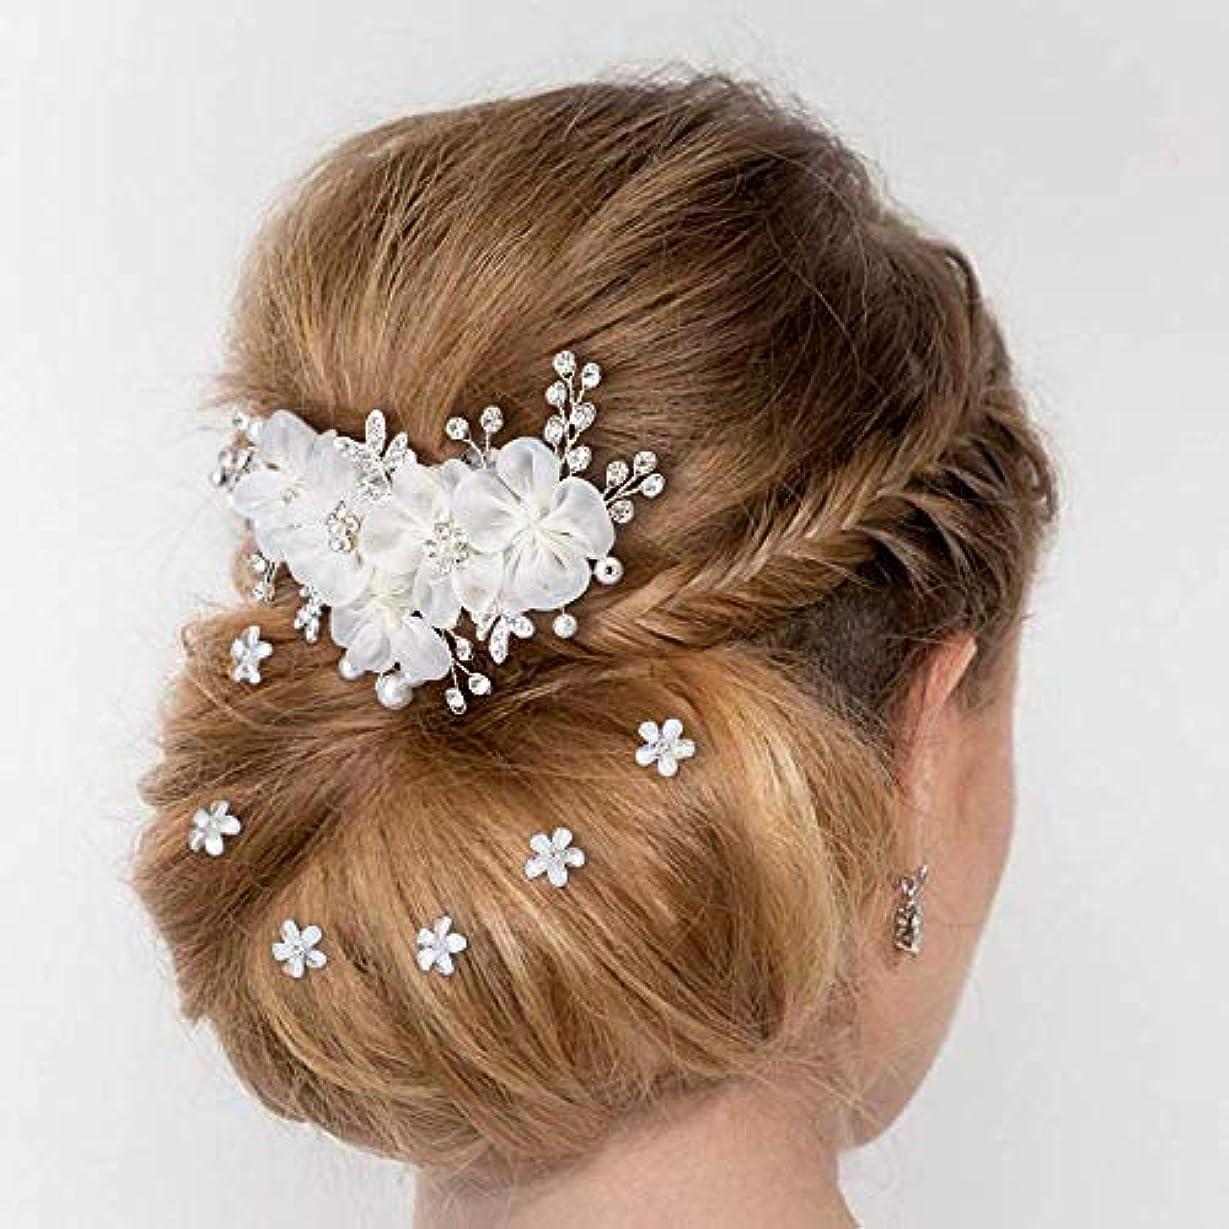 希望に満ちた細断工業化するNALER髪飾り花 ヘア Uピン パールラインス かんざし7本セット 結婚式 パーティー 発表会 成人式など